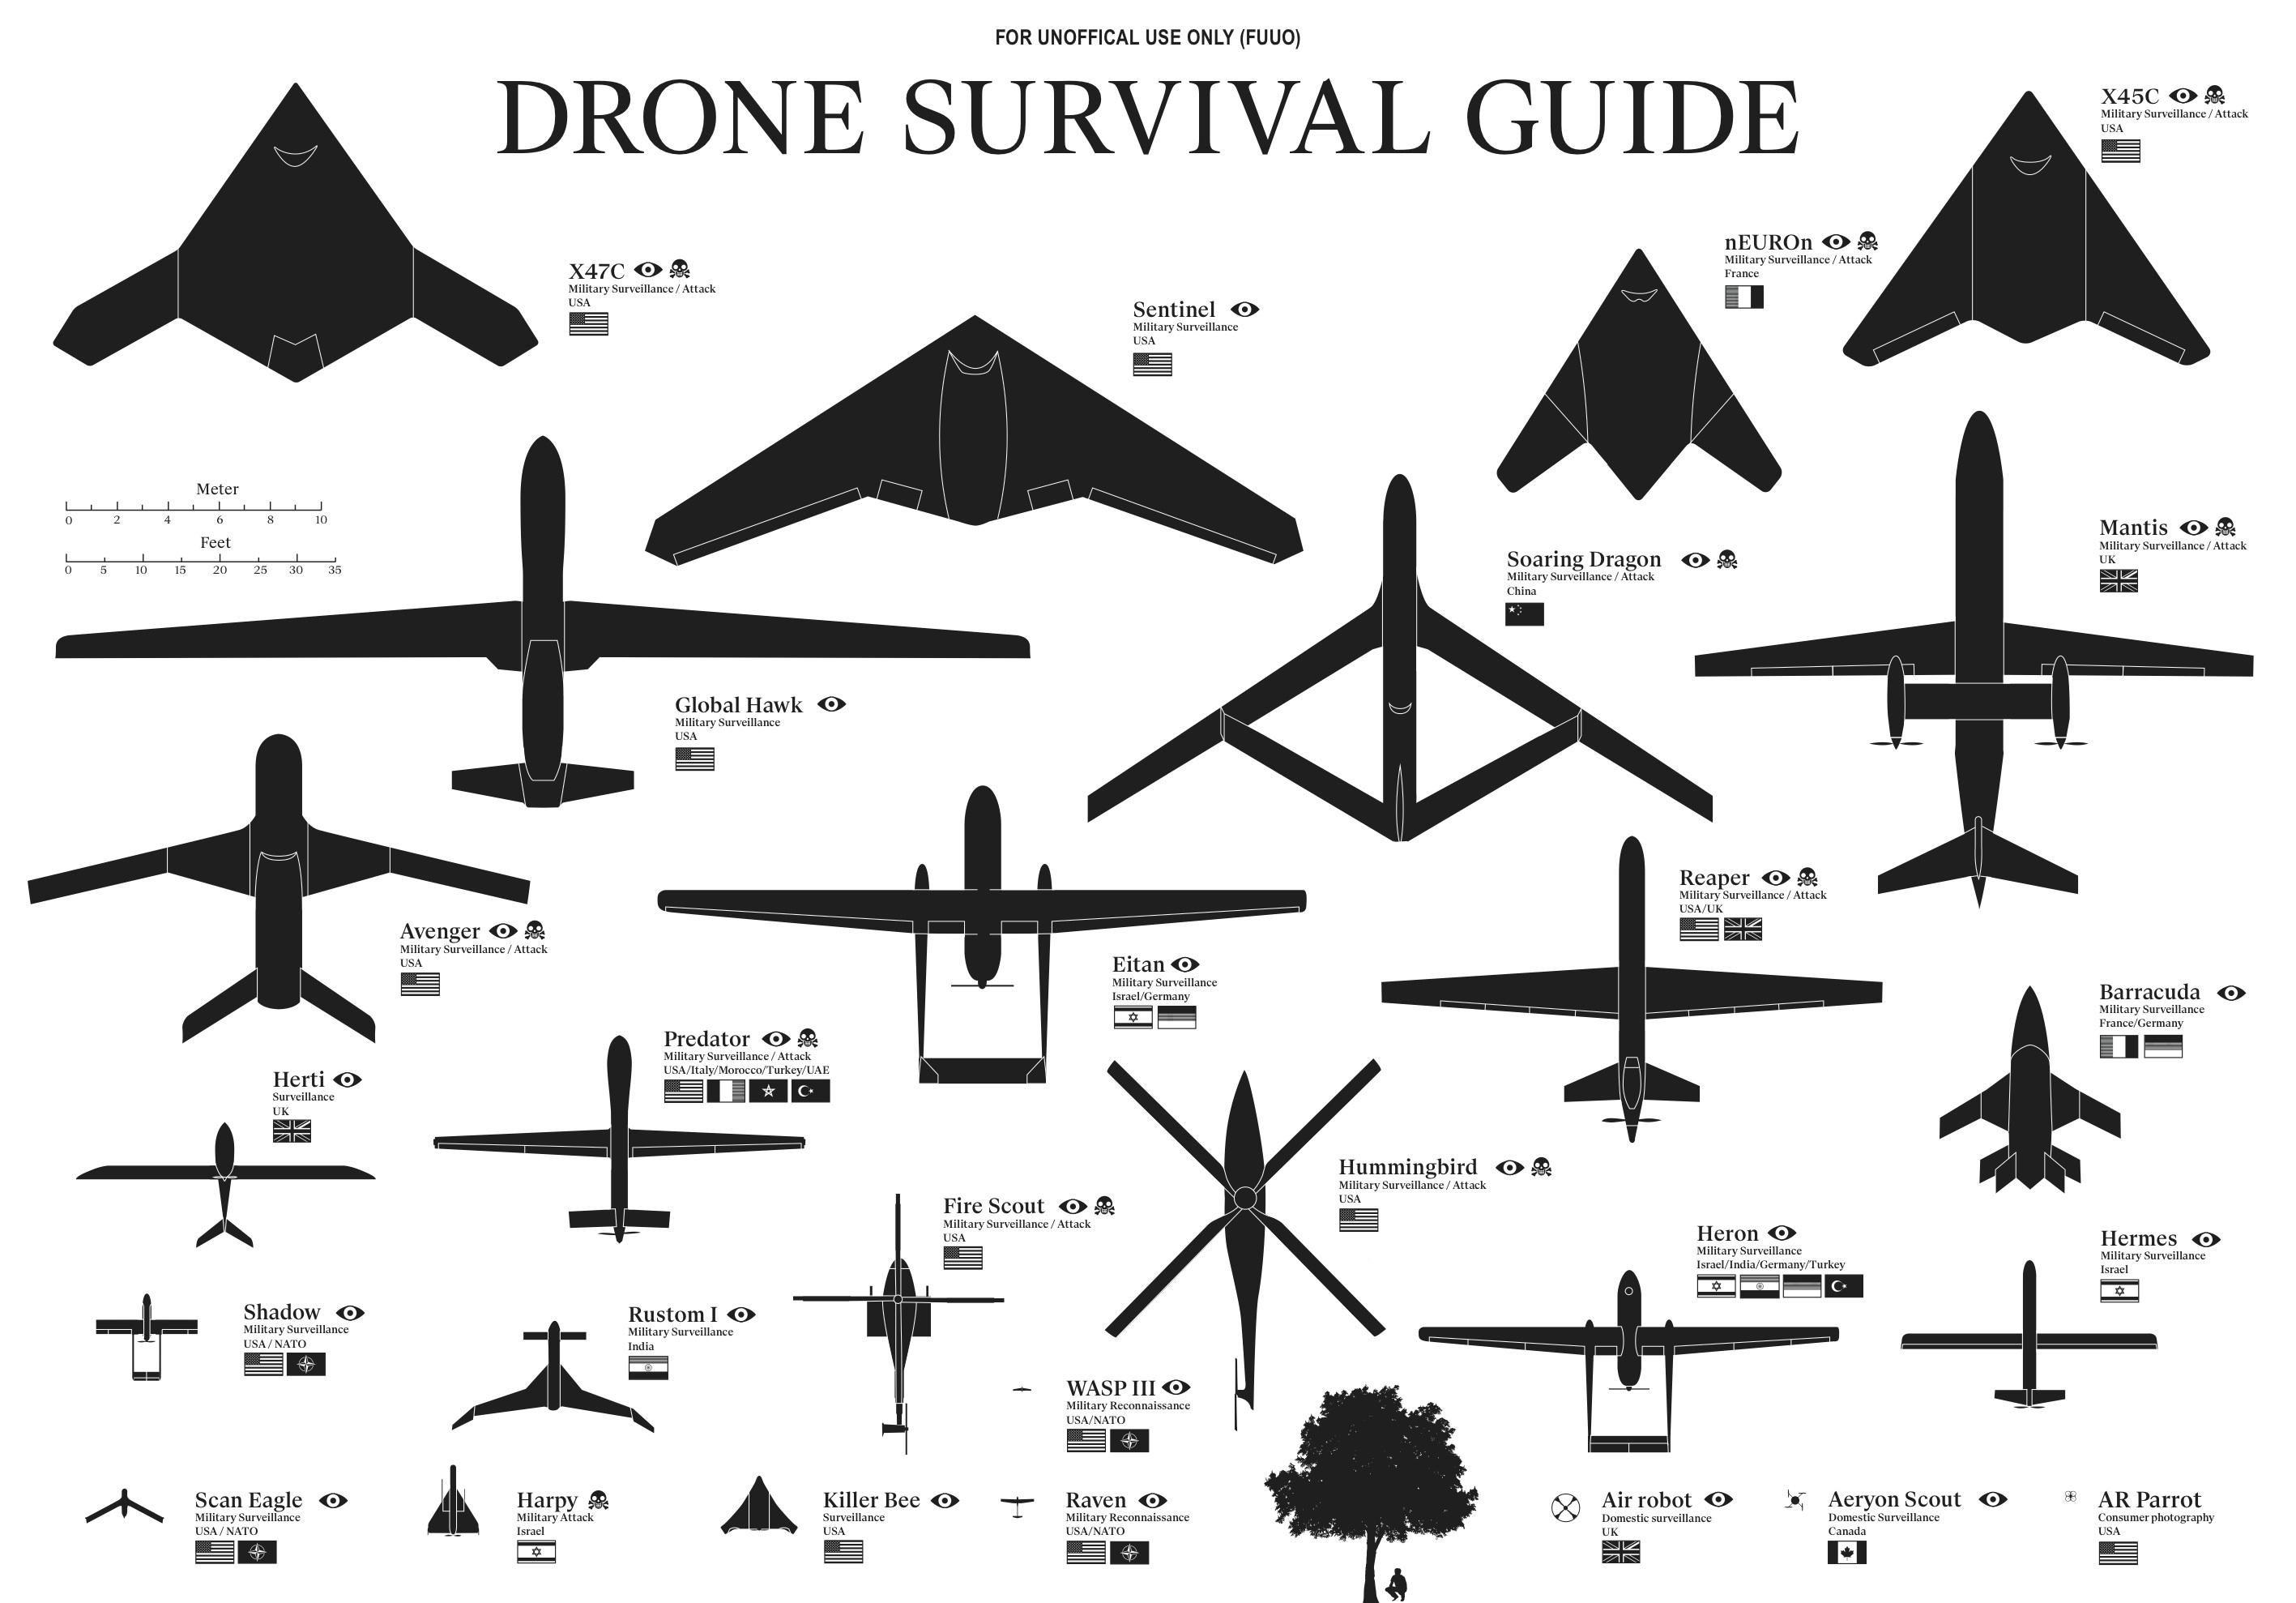 Reaper Drone Vs Predator Drone Reaper Drone Vs Predator